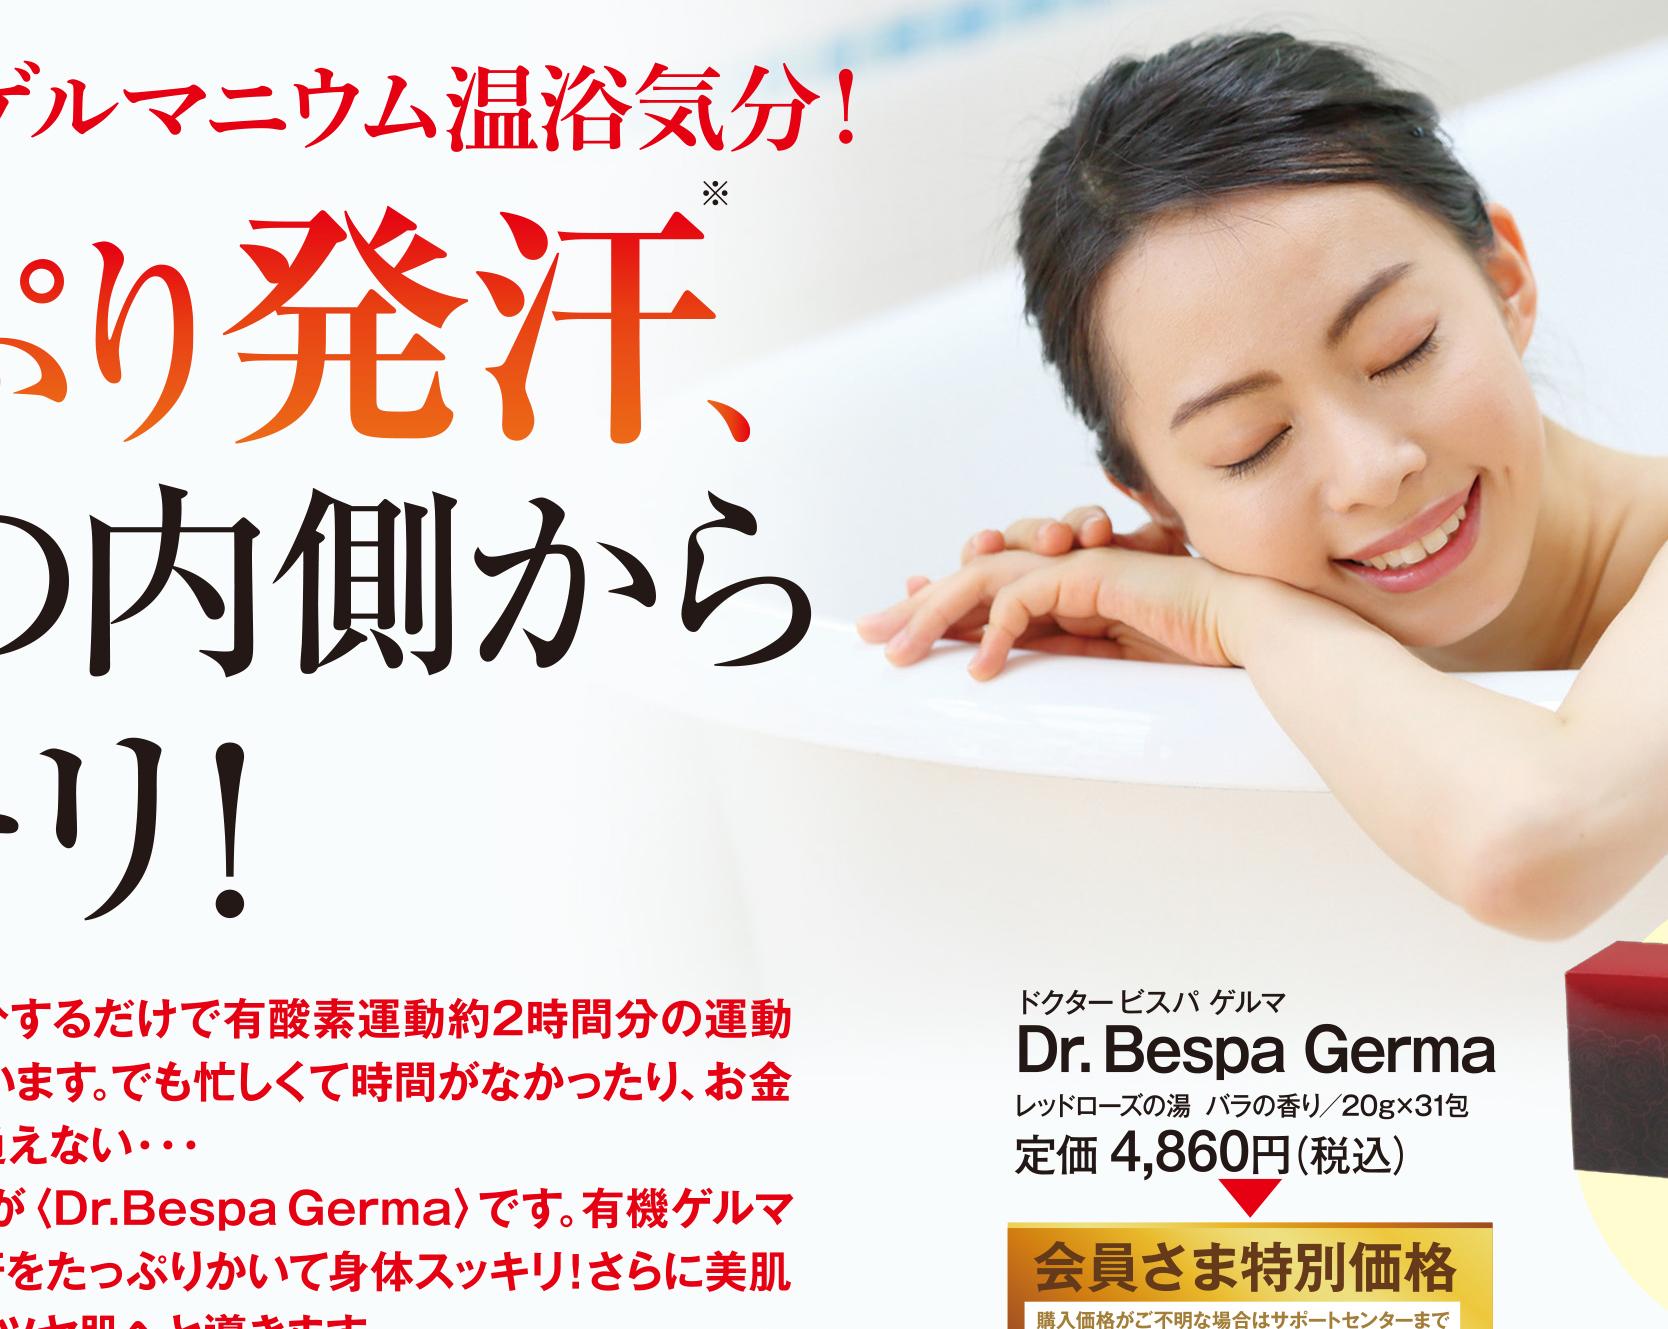 VAN-VEAL Dr.Bespa Germaチラシ